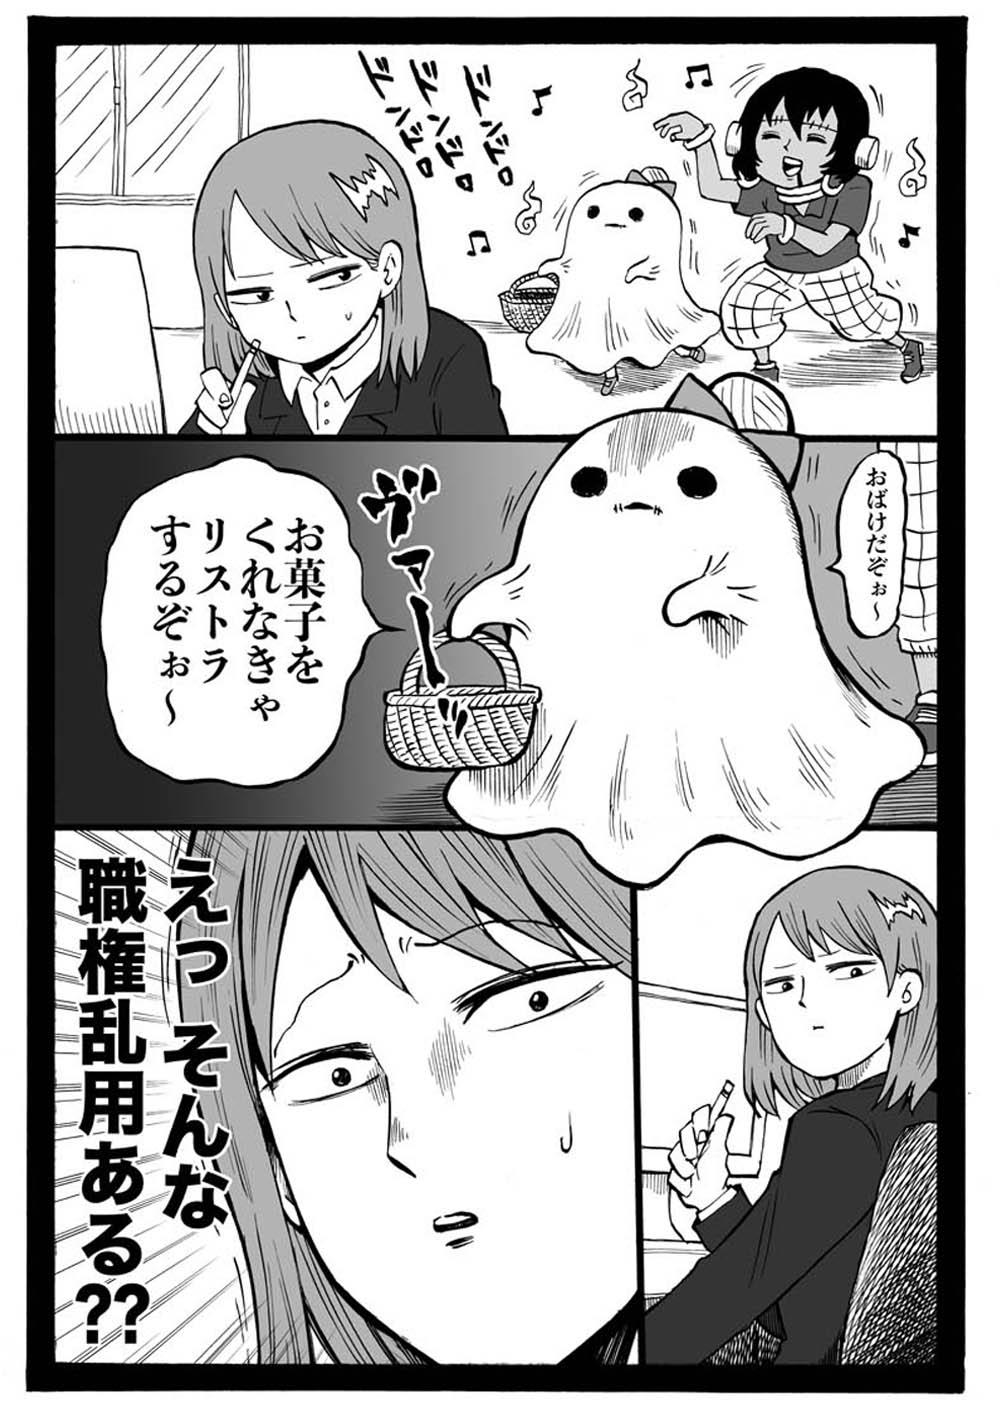 幼女社長(はろうぃん(単行本収録))